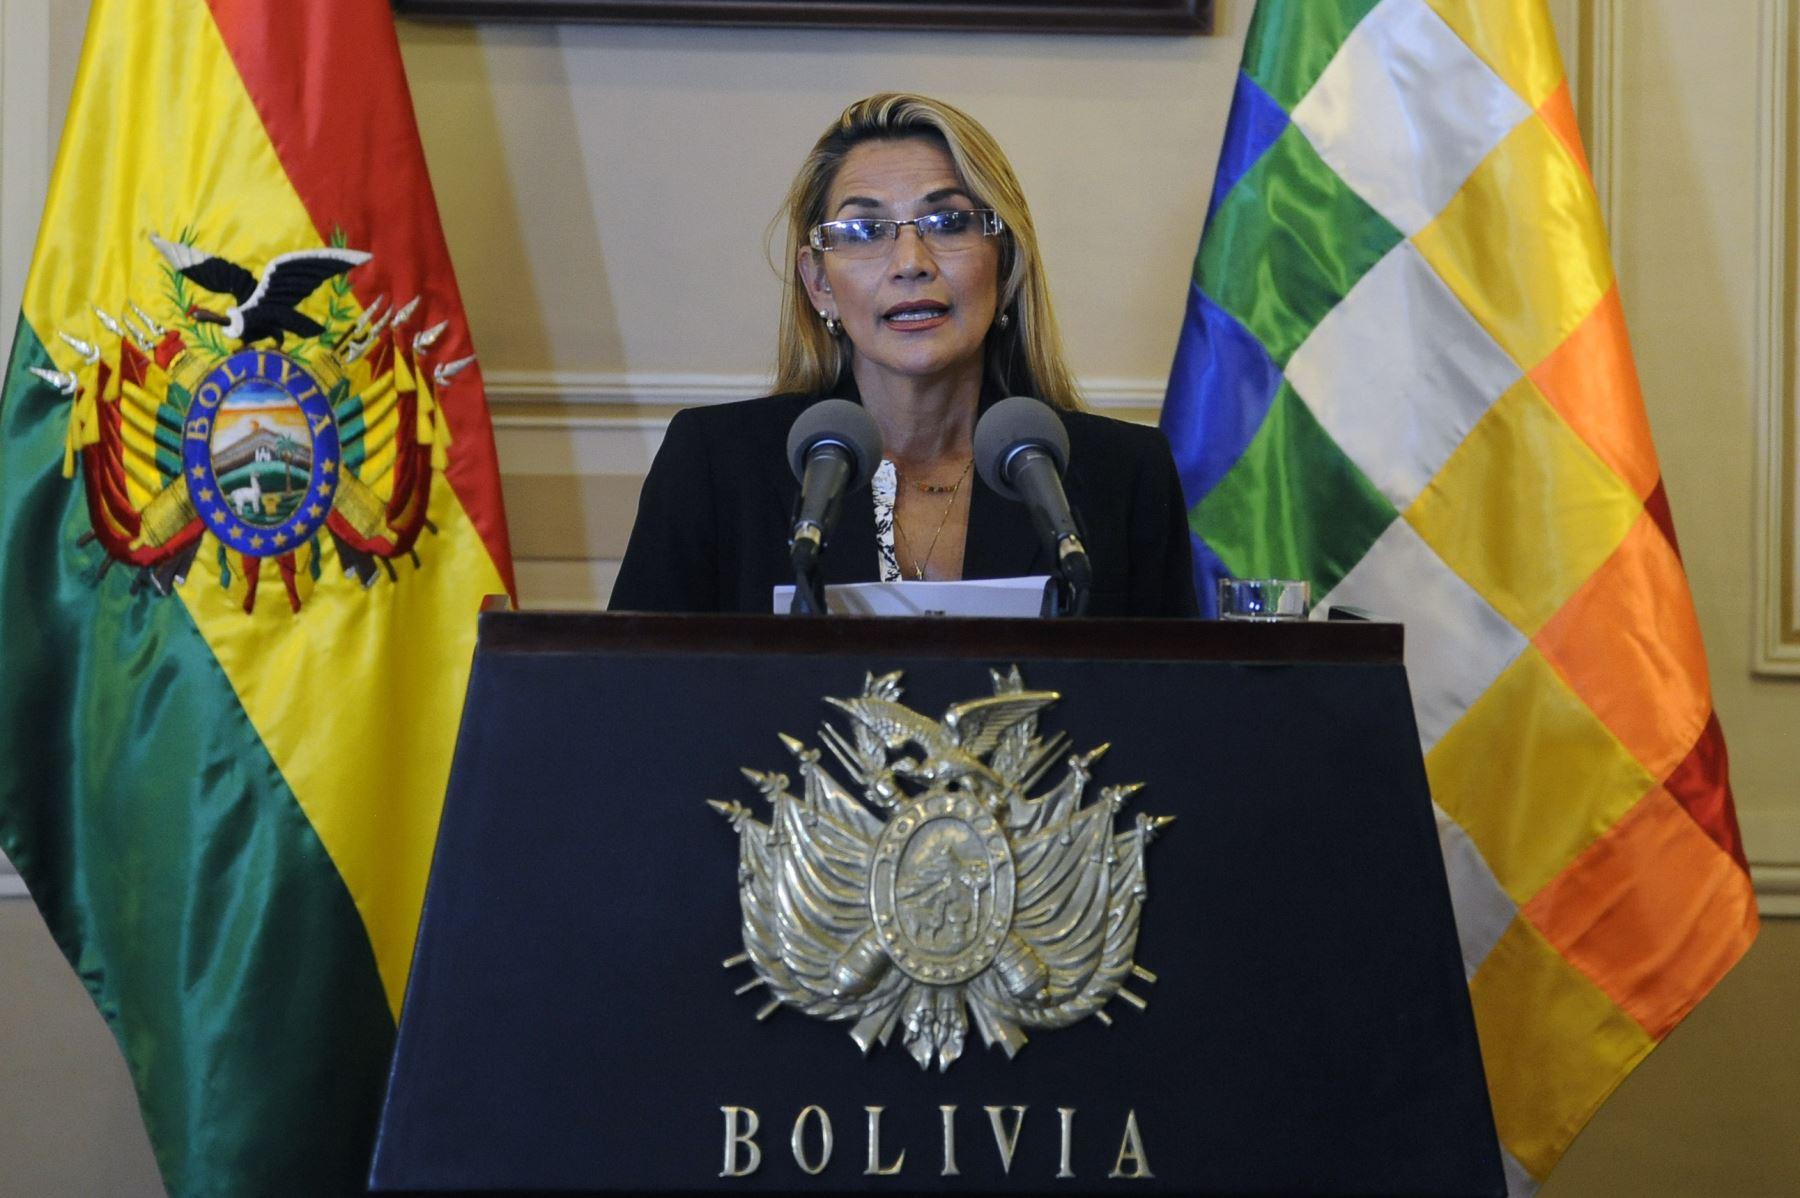 """""""Hoy dejo de lado mi candidatura a la presidencia de Bolivia, para cuidar la democracia"""", afirmó la mandataria derechista en un mensaje televisado. Foto: AFP"""